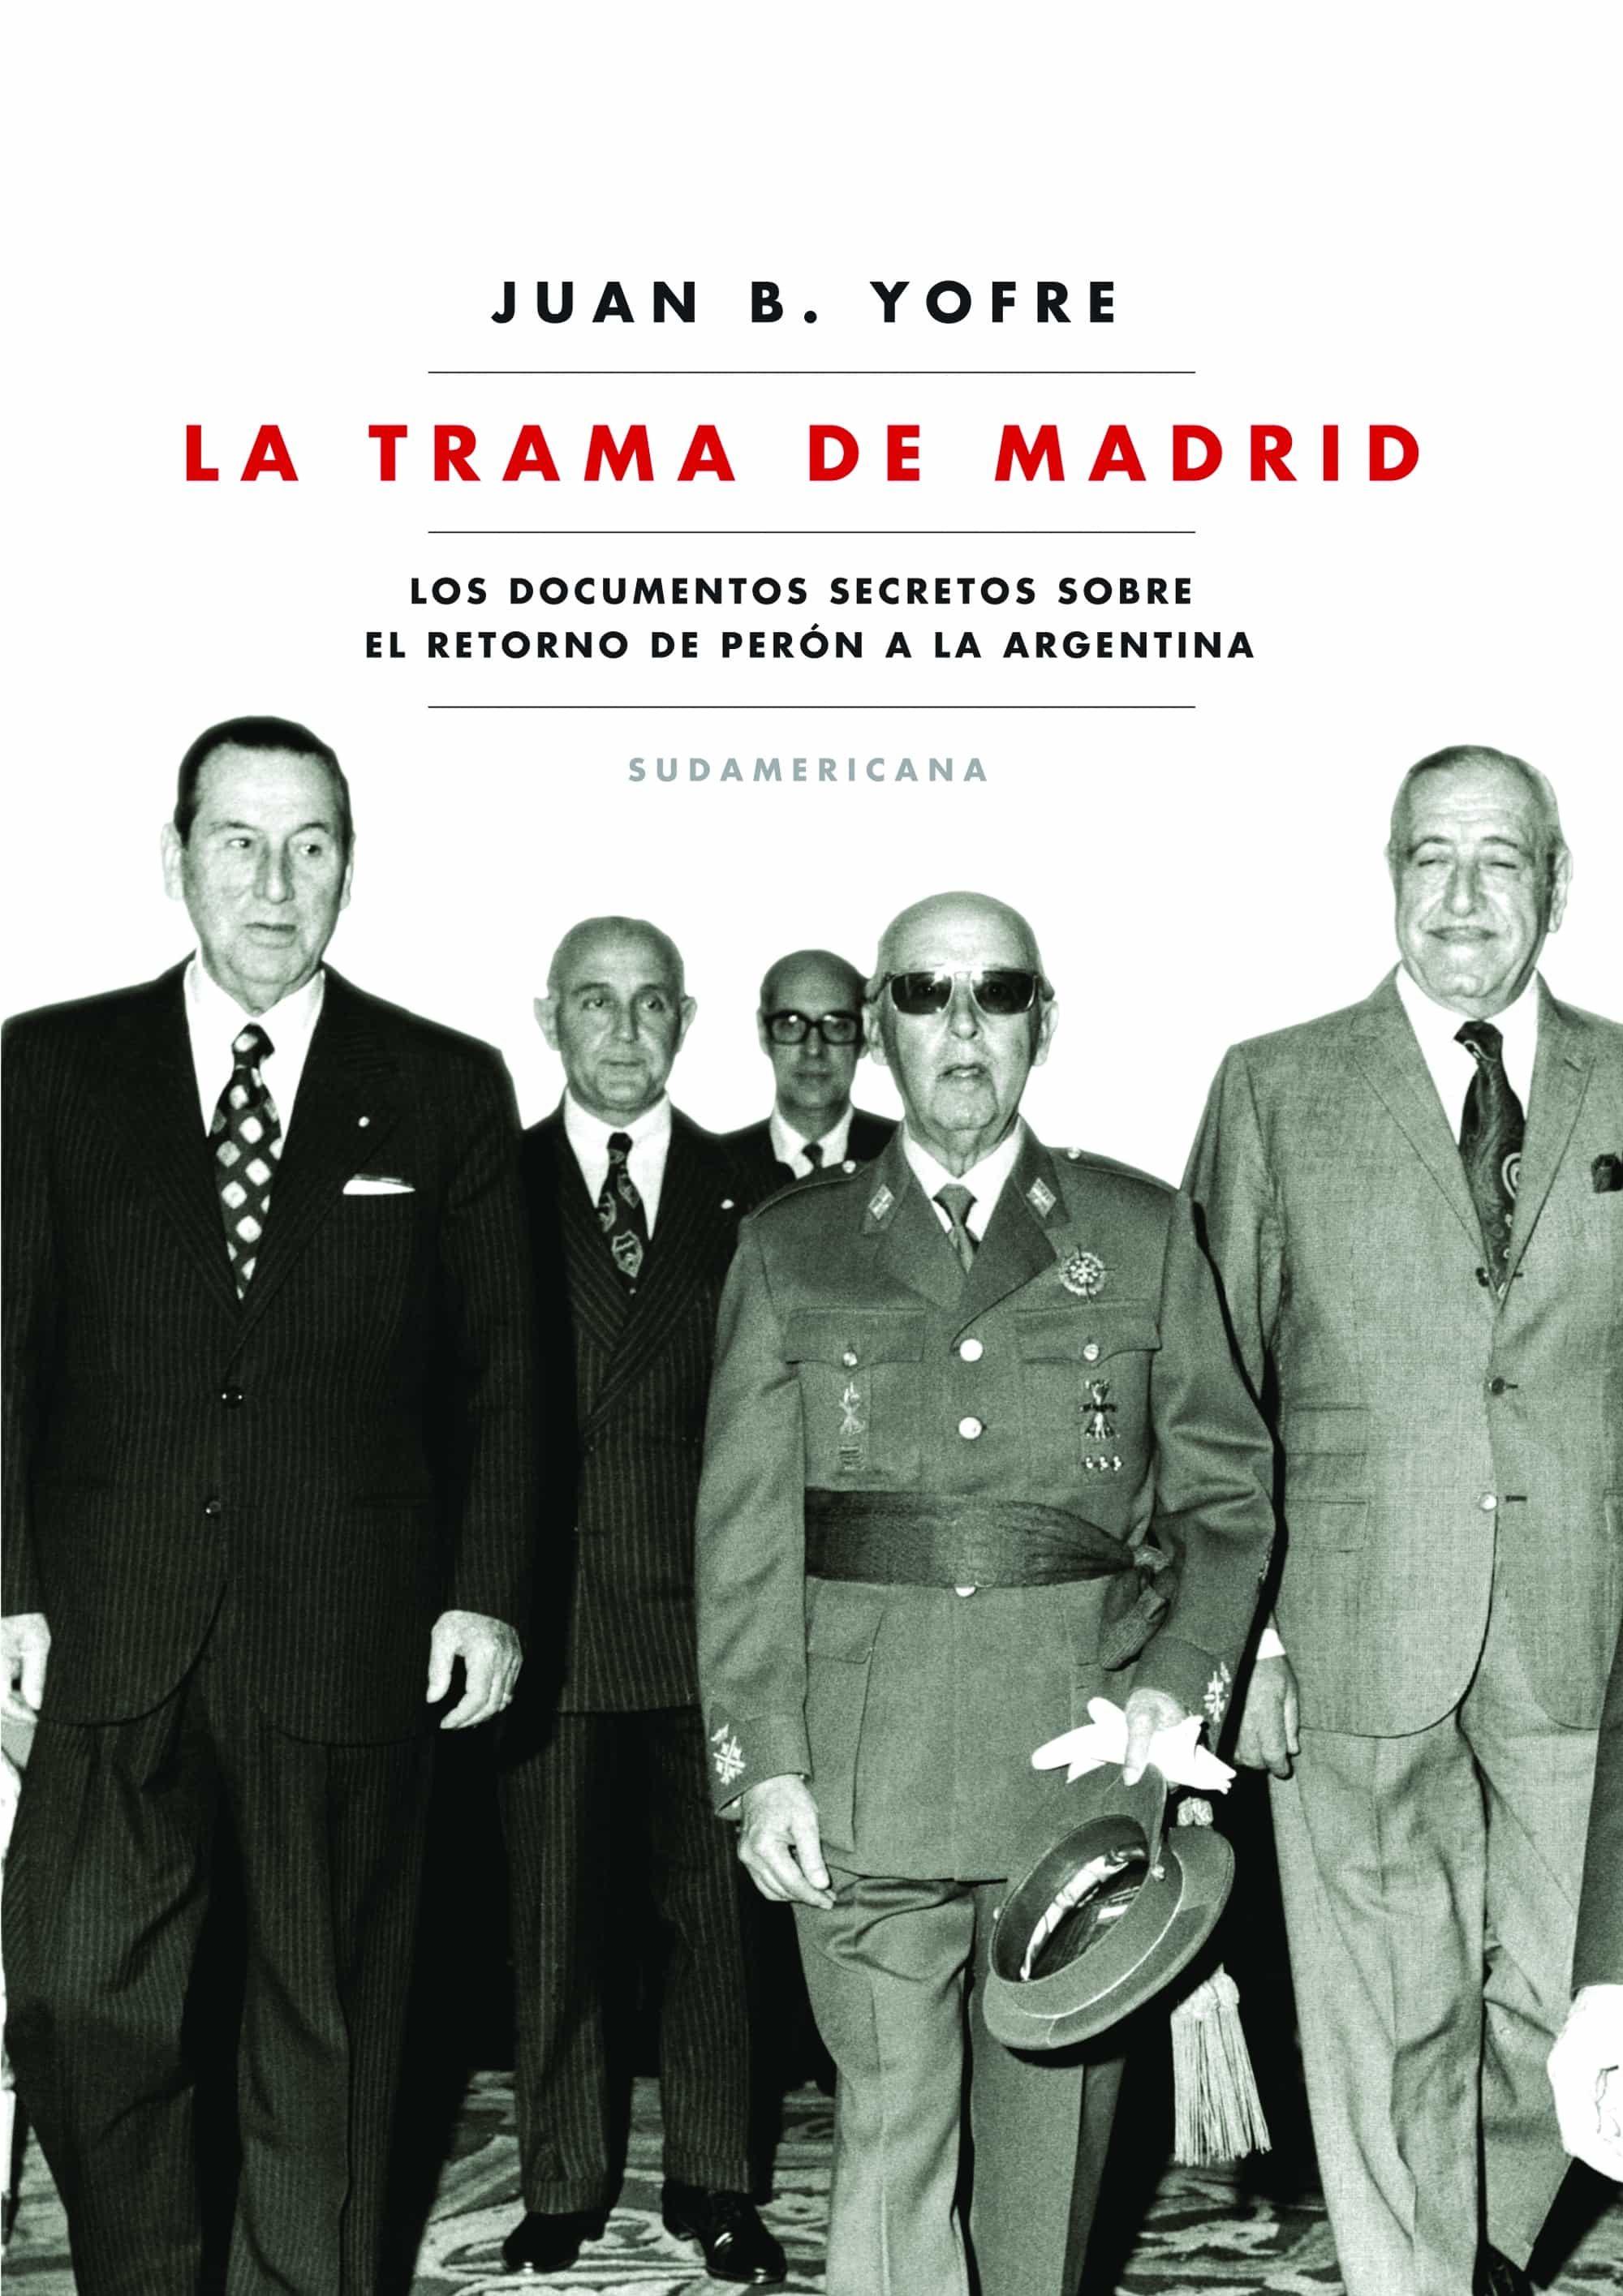 LA TRAMA DE MADRID EBOOK | JUAN B. YOFRE | Descargar libro PDF o ...